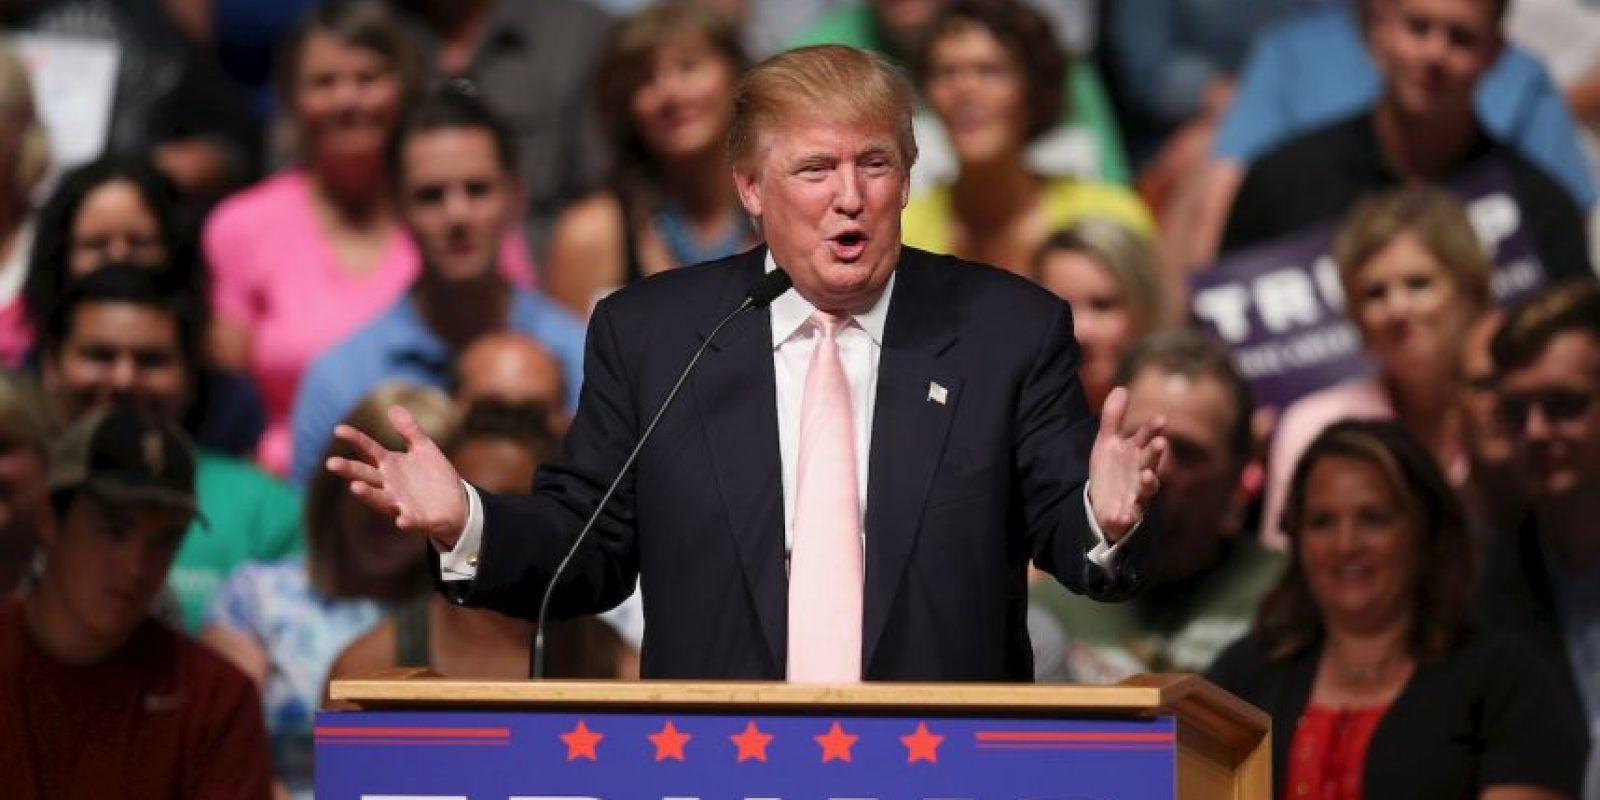 Le sigue el senador Bernie Sanders de Vermont con un 17 por ciento y Joseph Biden con un 13 por ciento. Foto:Getty Images